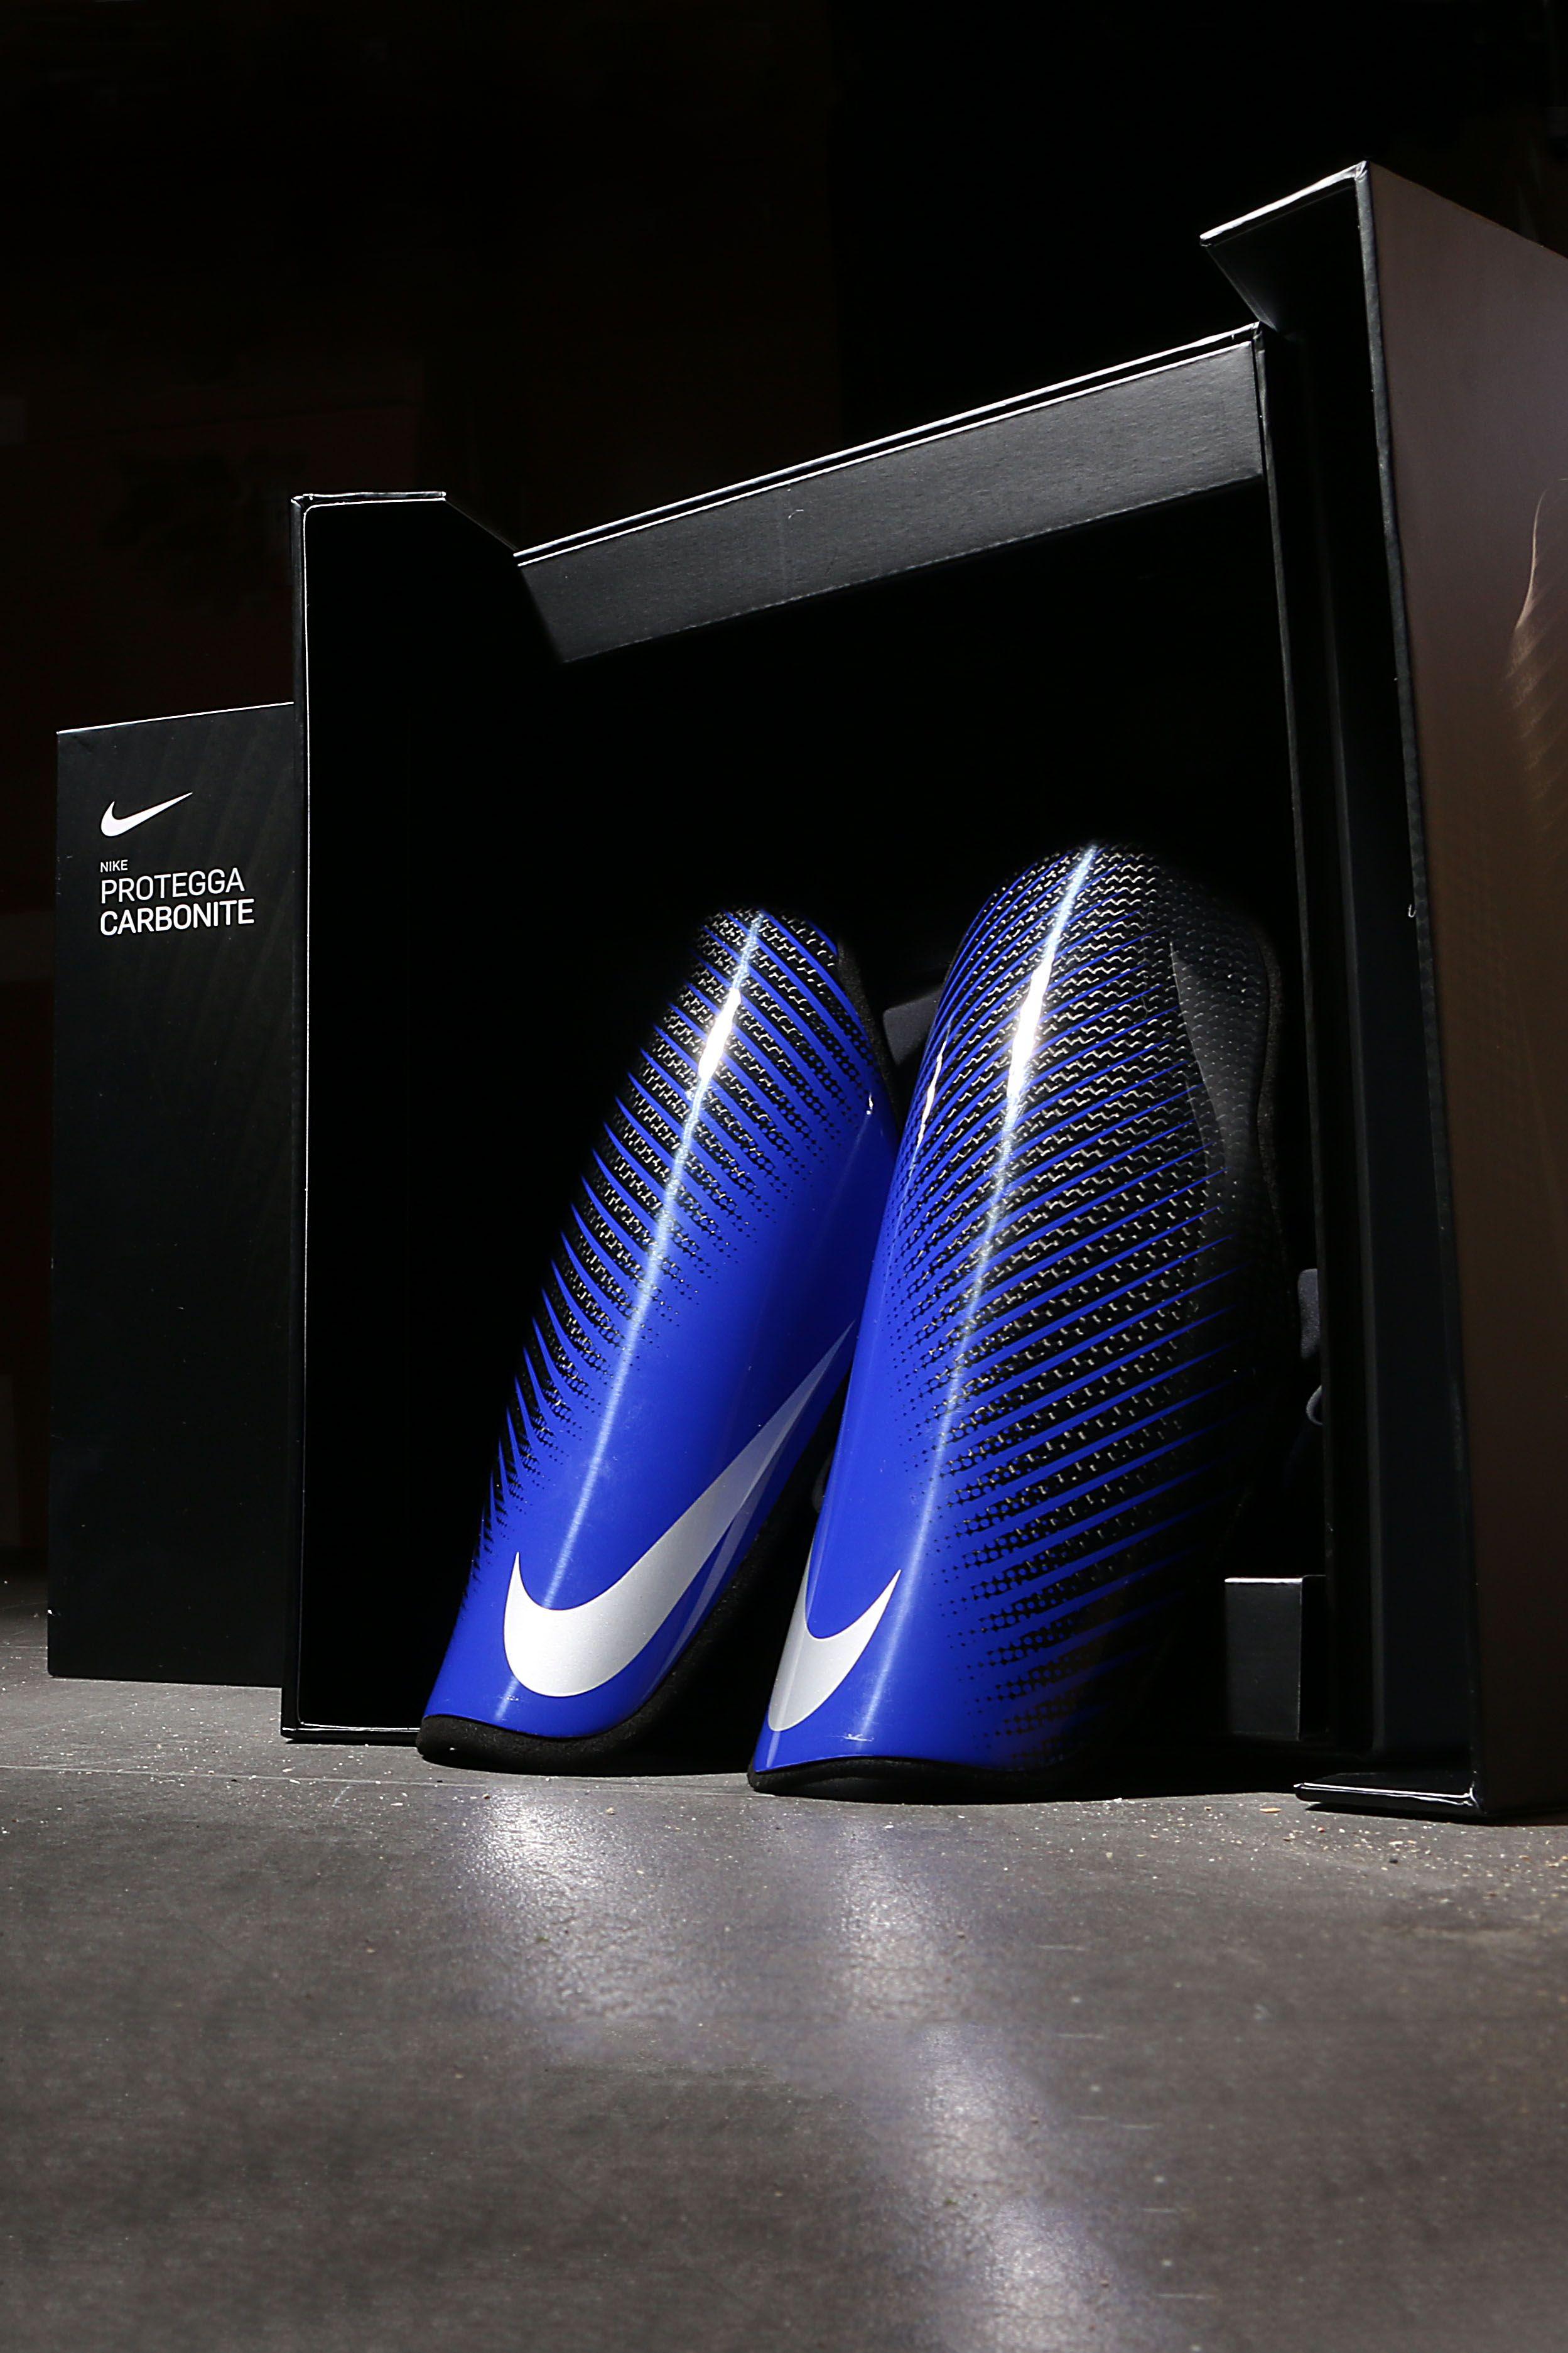 bf7ab2e0e25 Espinilleras de fútbol de fibra de carbono Nike con mallas de sujeción -  azules y negras #nike #protegga #carbonite #espinilleras